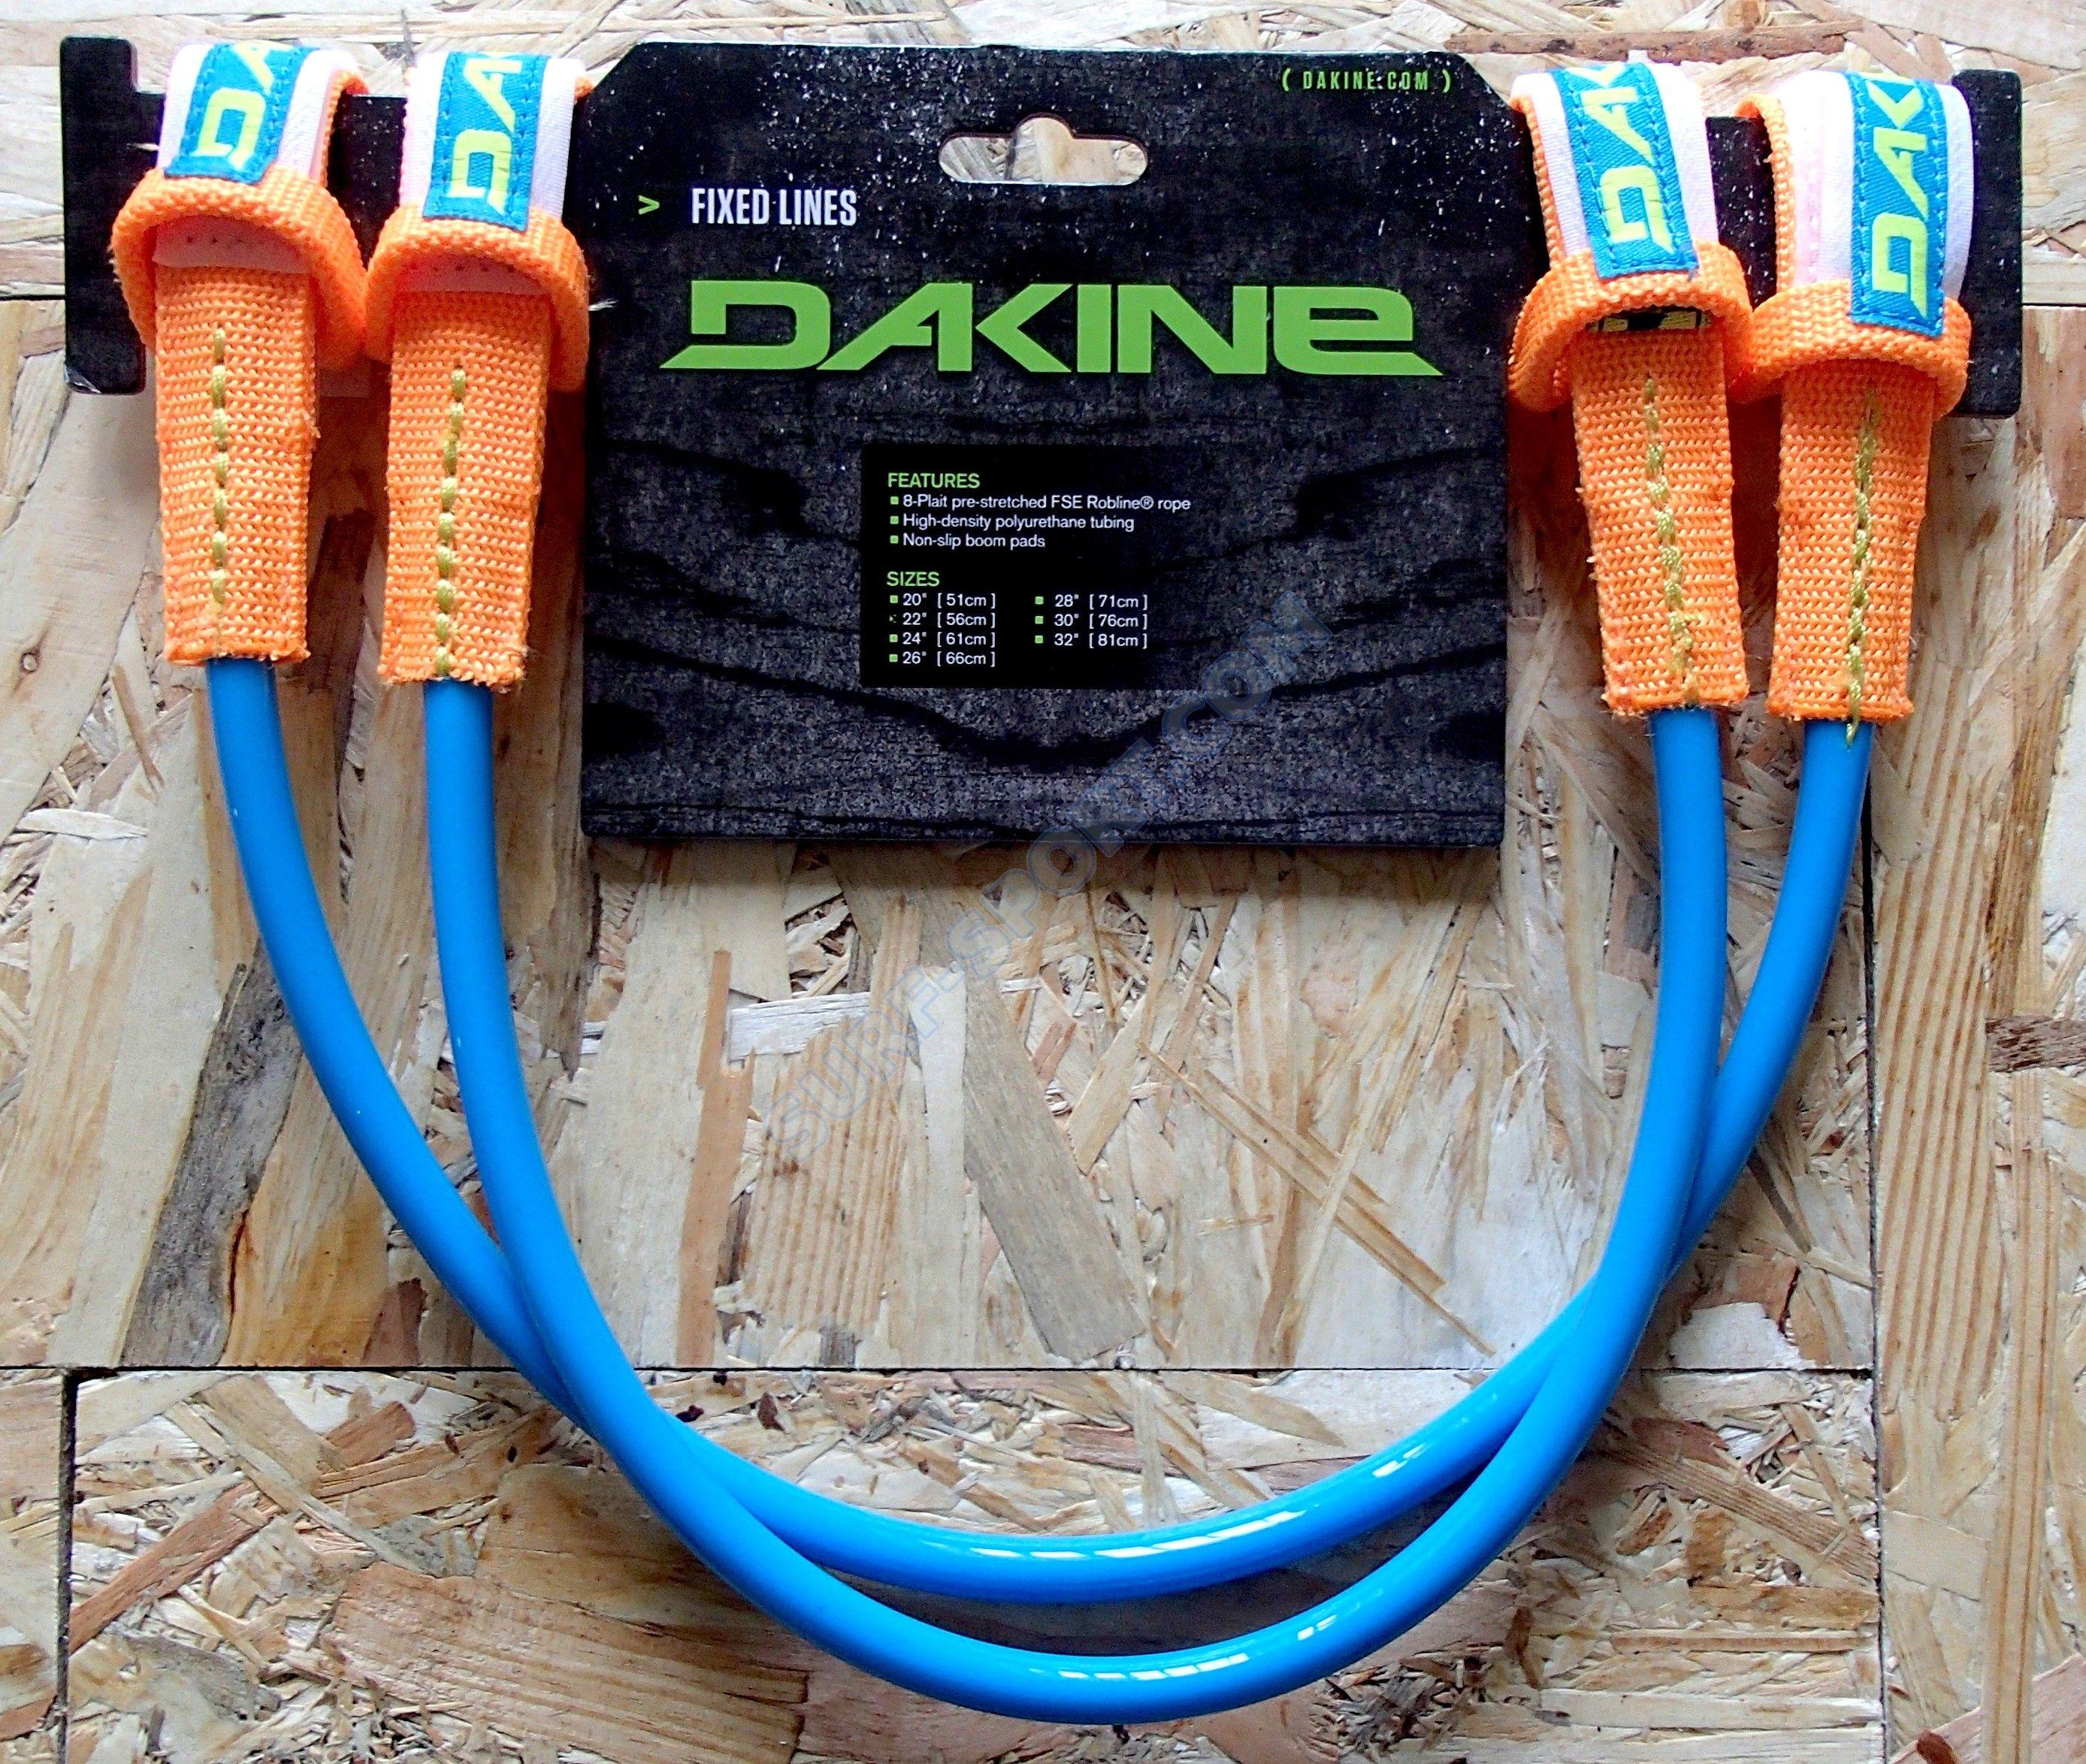 Linki trapezowe Dakine Fixed Neon stałe